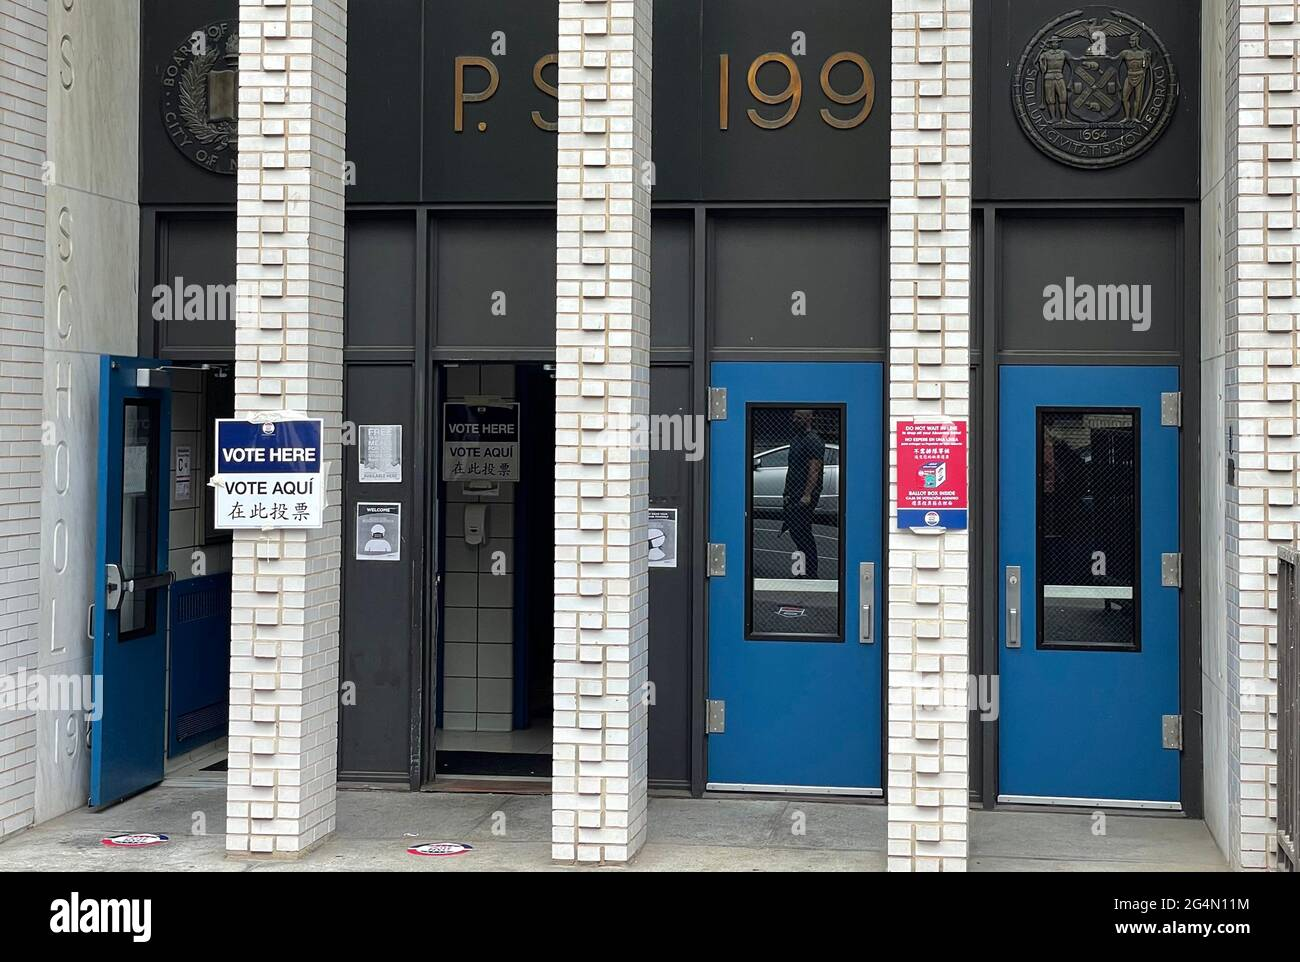 NEW YORK, NY- 22 JUIN : NYC va aux urnes le jour des élections primaires au PS 199 dans l'Upper West Side à New York le 22 juin 2021. Crédit: Rainmaker photos/MediaPunch Banque D'Images